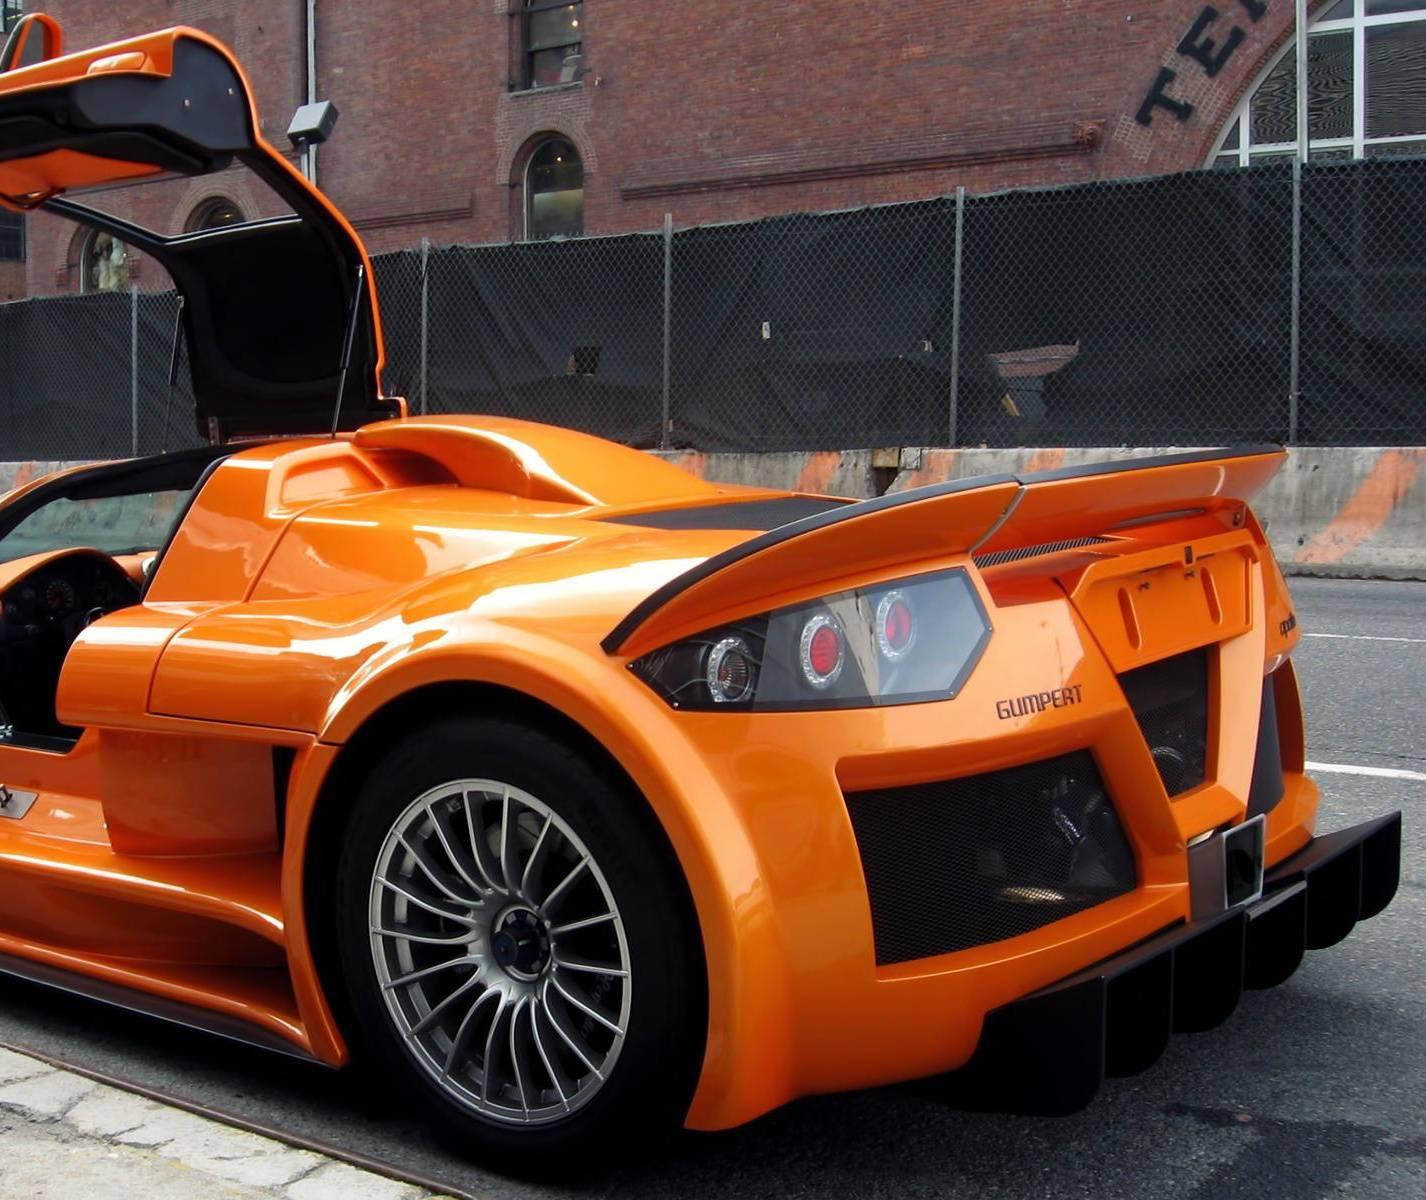 Orange Gumpert